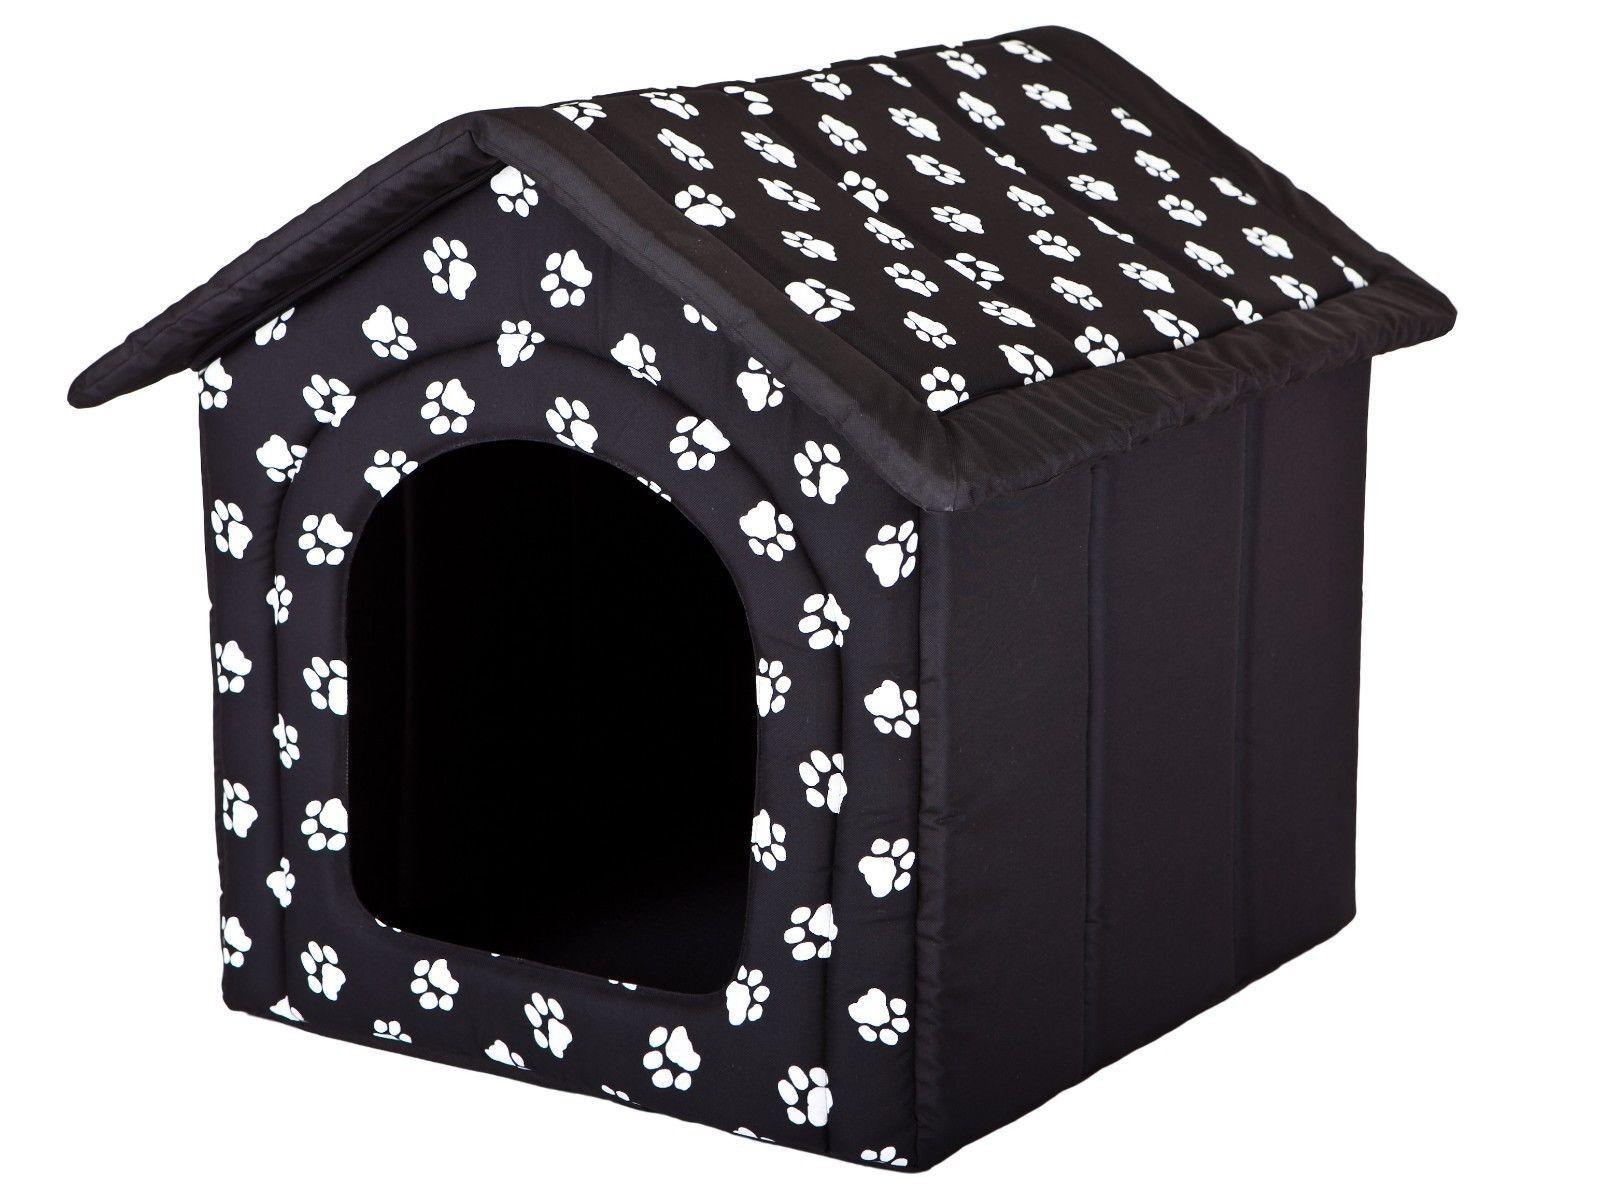 merce di alta qualità e servizio conveniente e onesto Cani grotta Hobbydog cani casa casa casa Cuccia Nero con zampa r6  76 x 72 cm  garanzia di credito